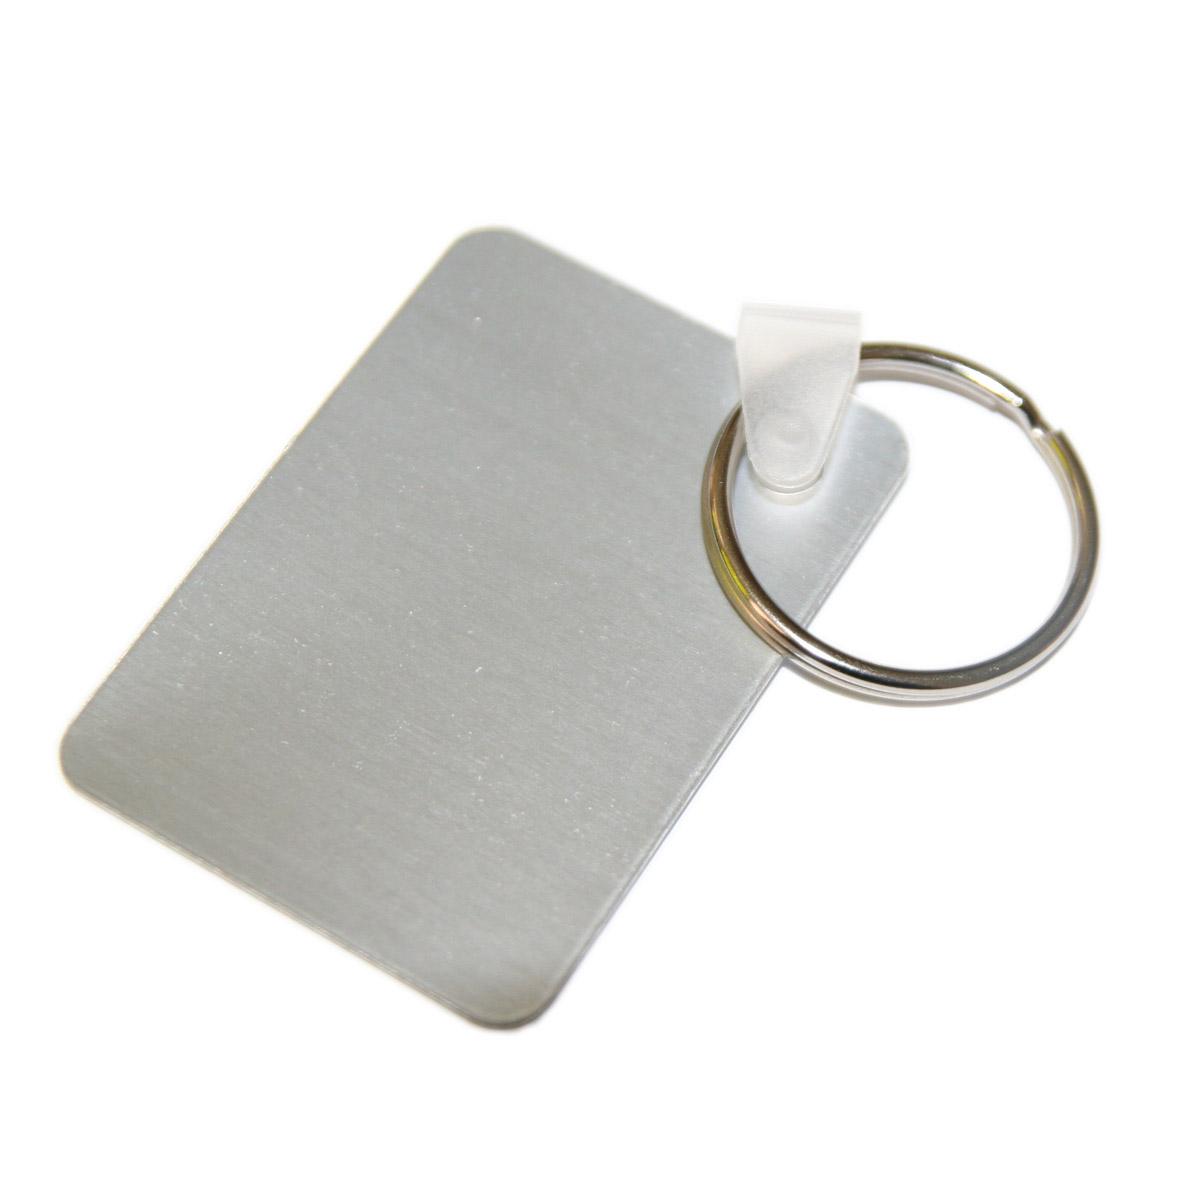 Brelok metalowy prostokątny do sublimacji - 10 sztuk